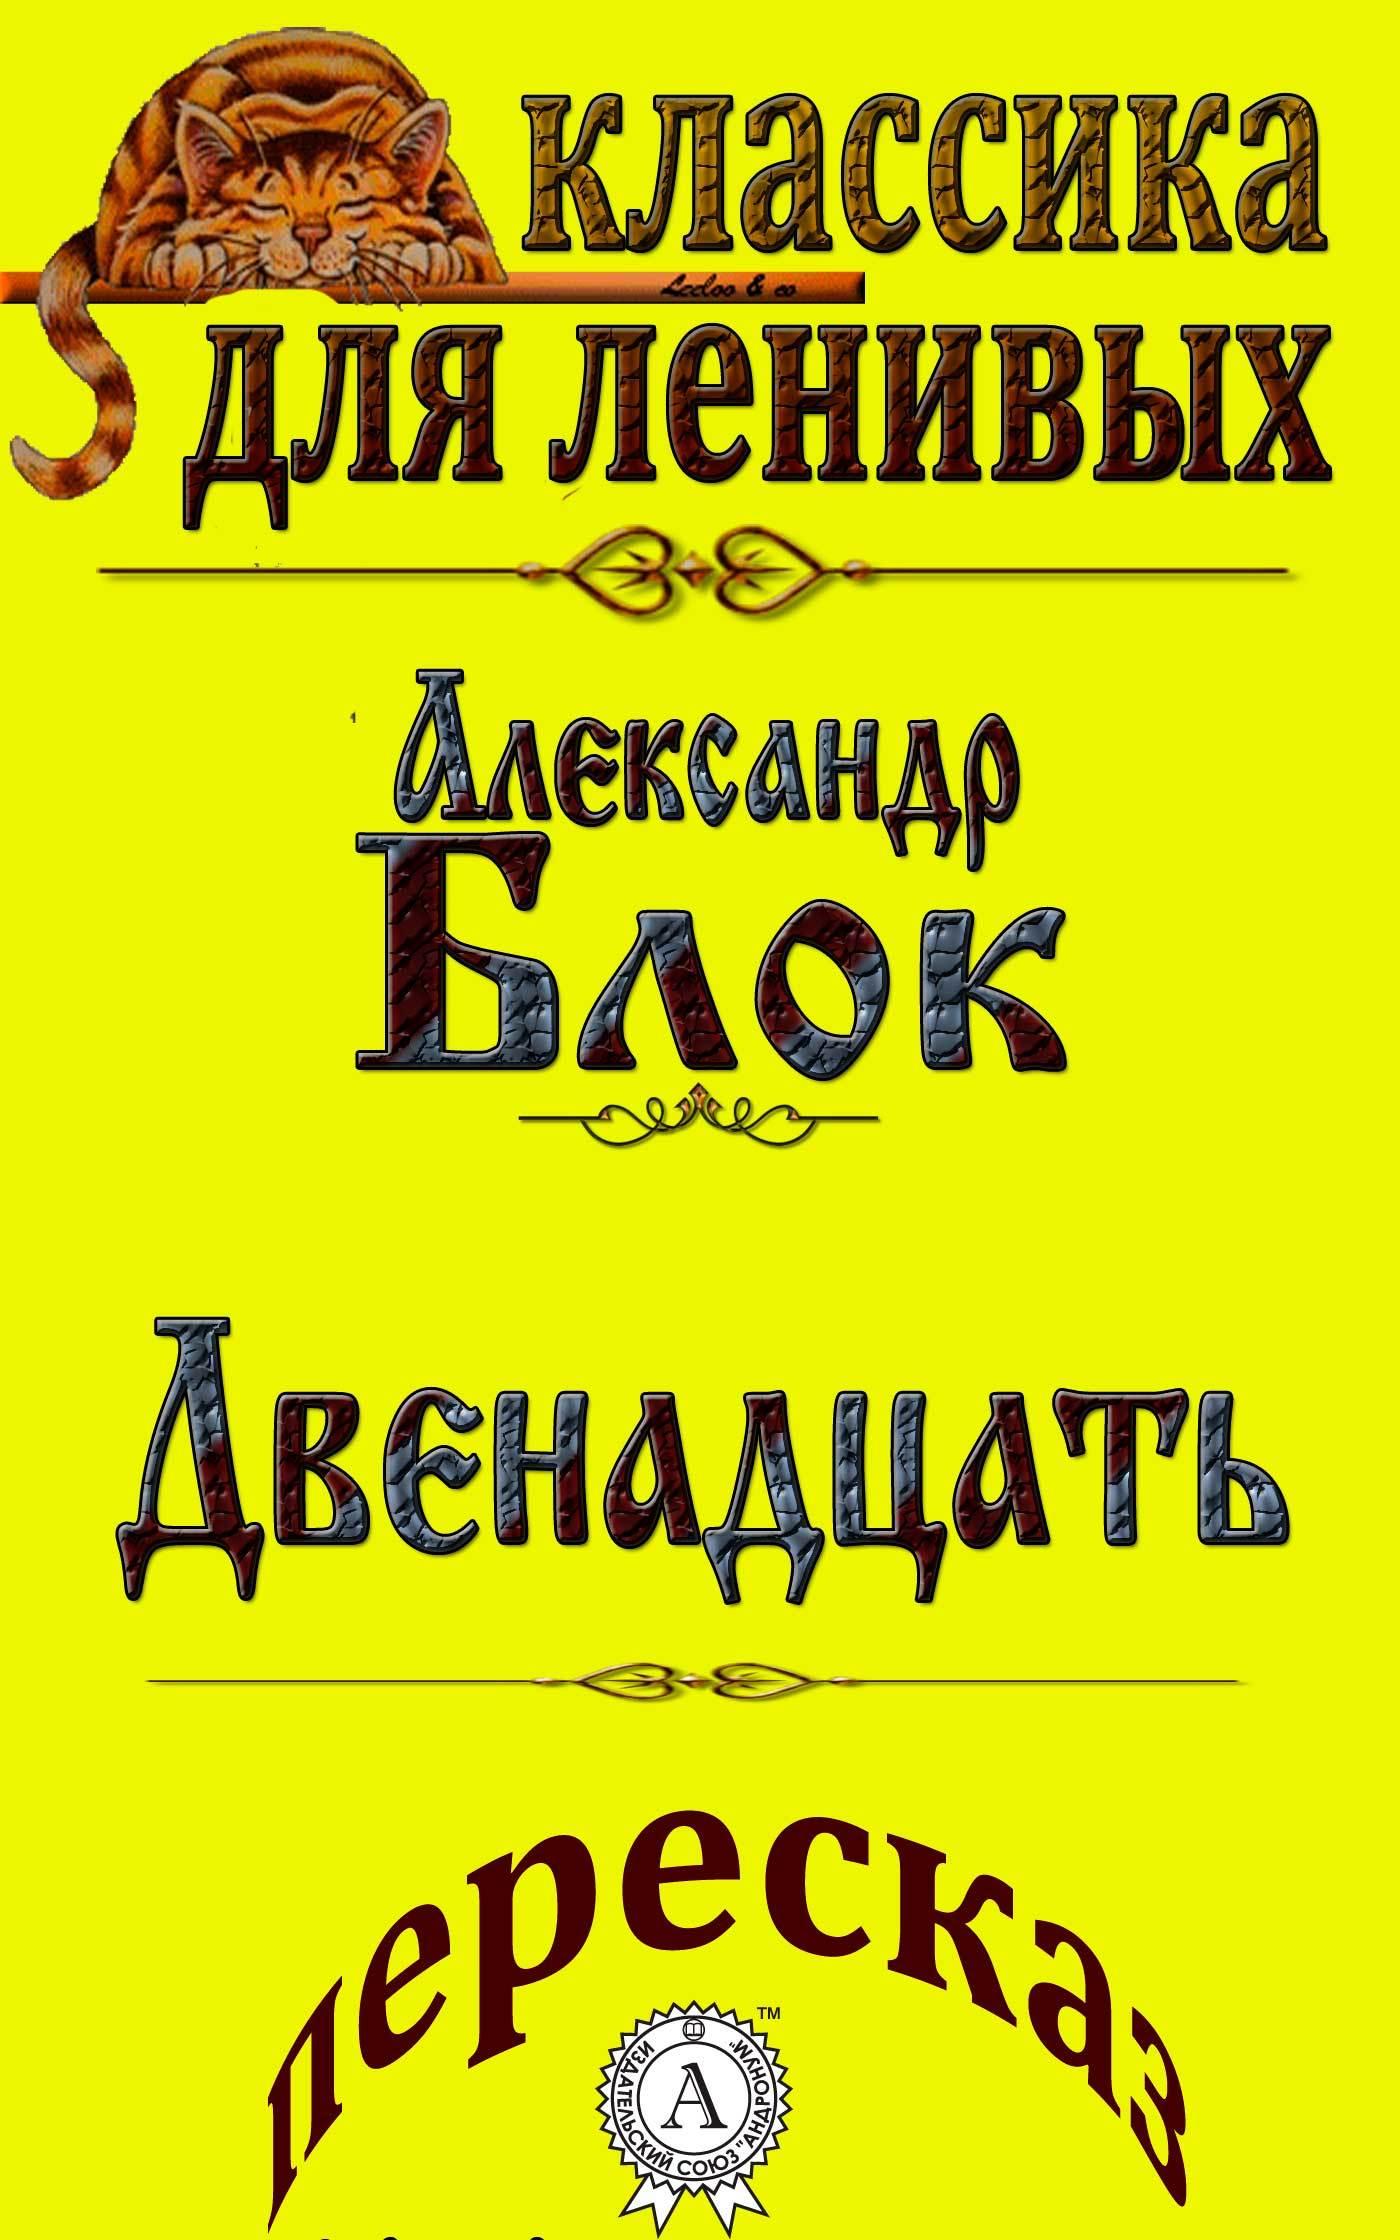 Пересказ произведения Александра Блока Двенадцать